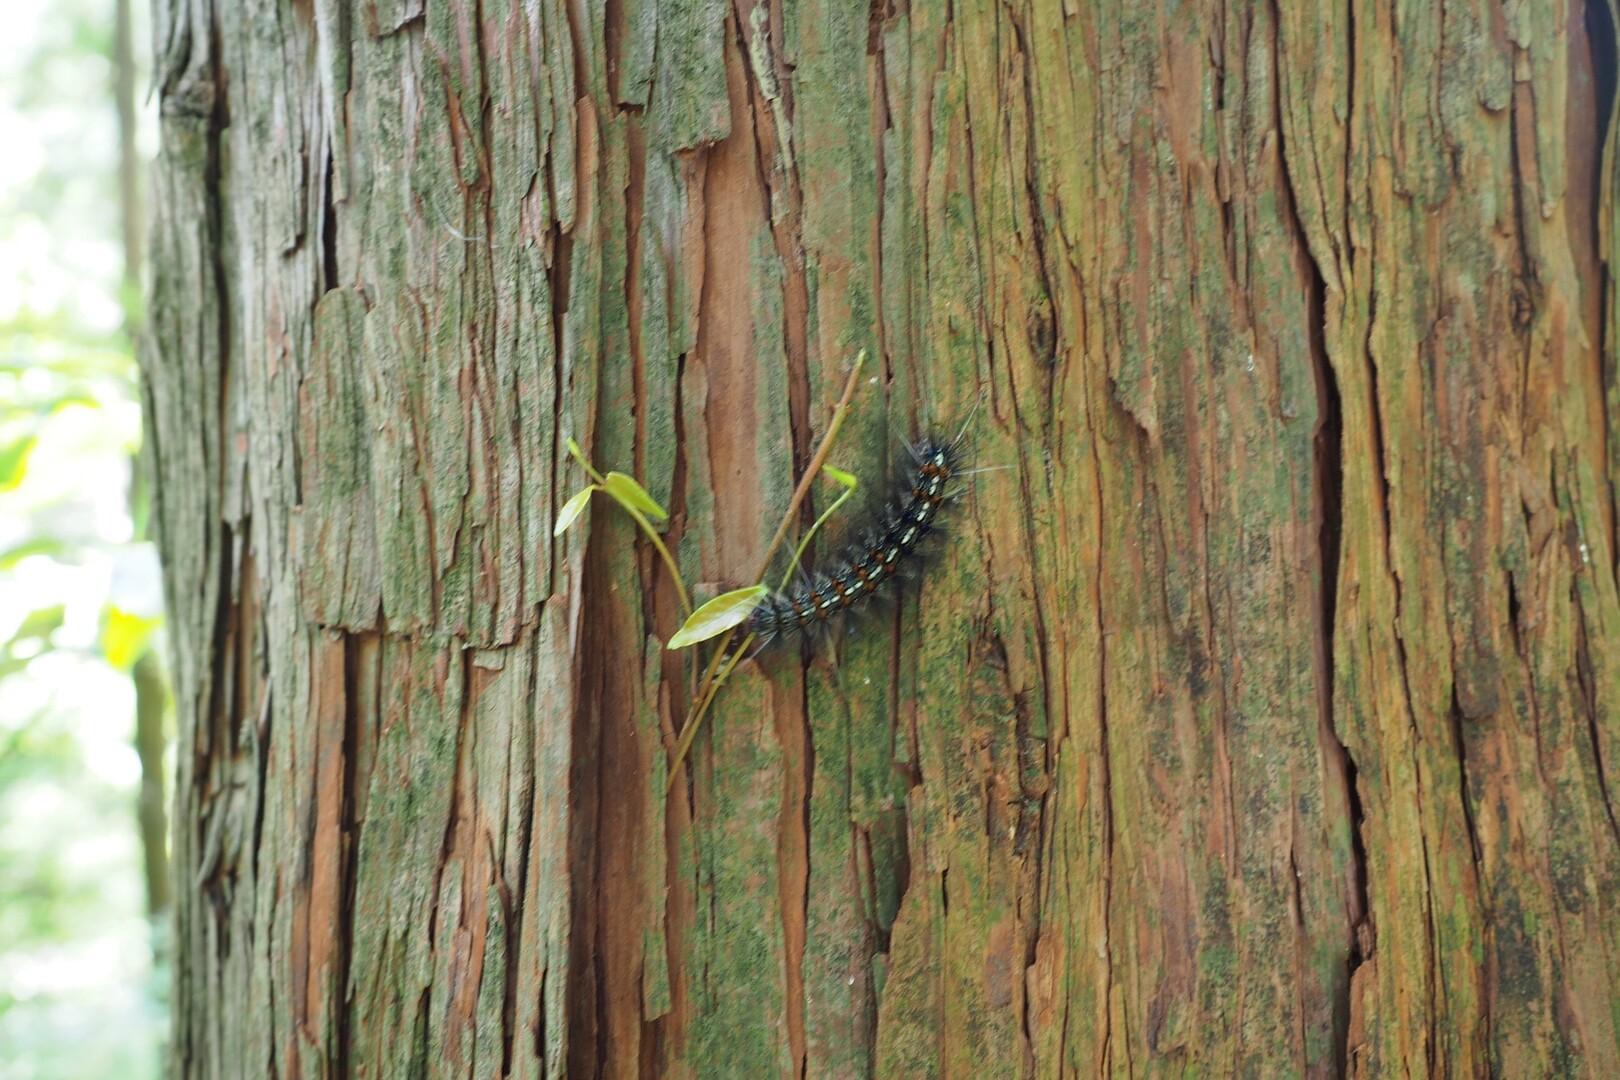 ケムケム!<br> 途中、木からぶら下がってるやつに間一髪ぶつかりかけてマジで危なかった😱<br> <br> 生きているだけで嫌われるなんて、不憫ね。